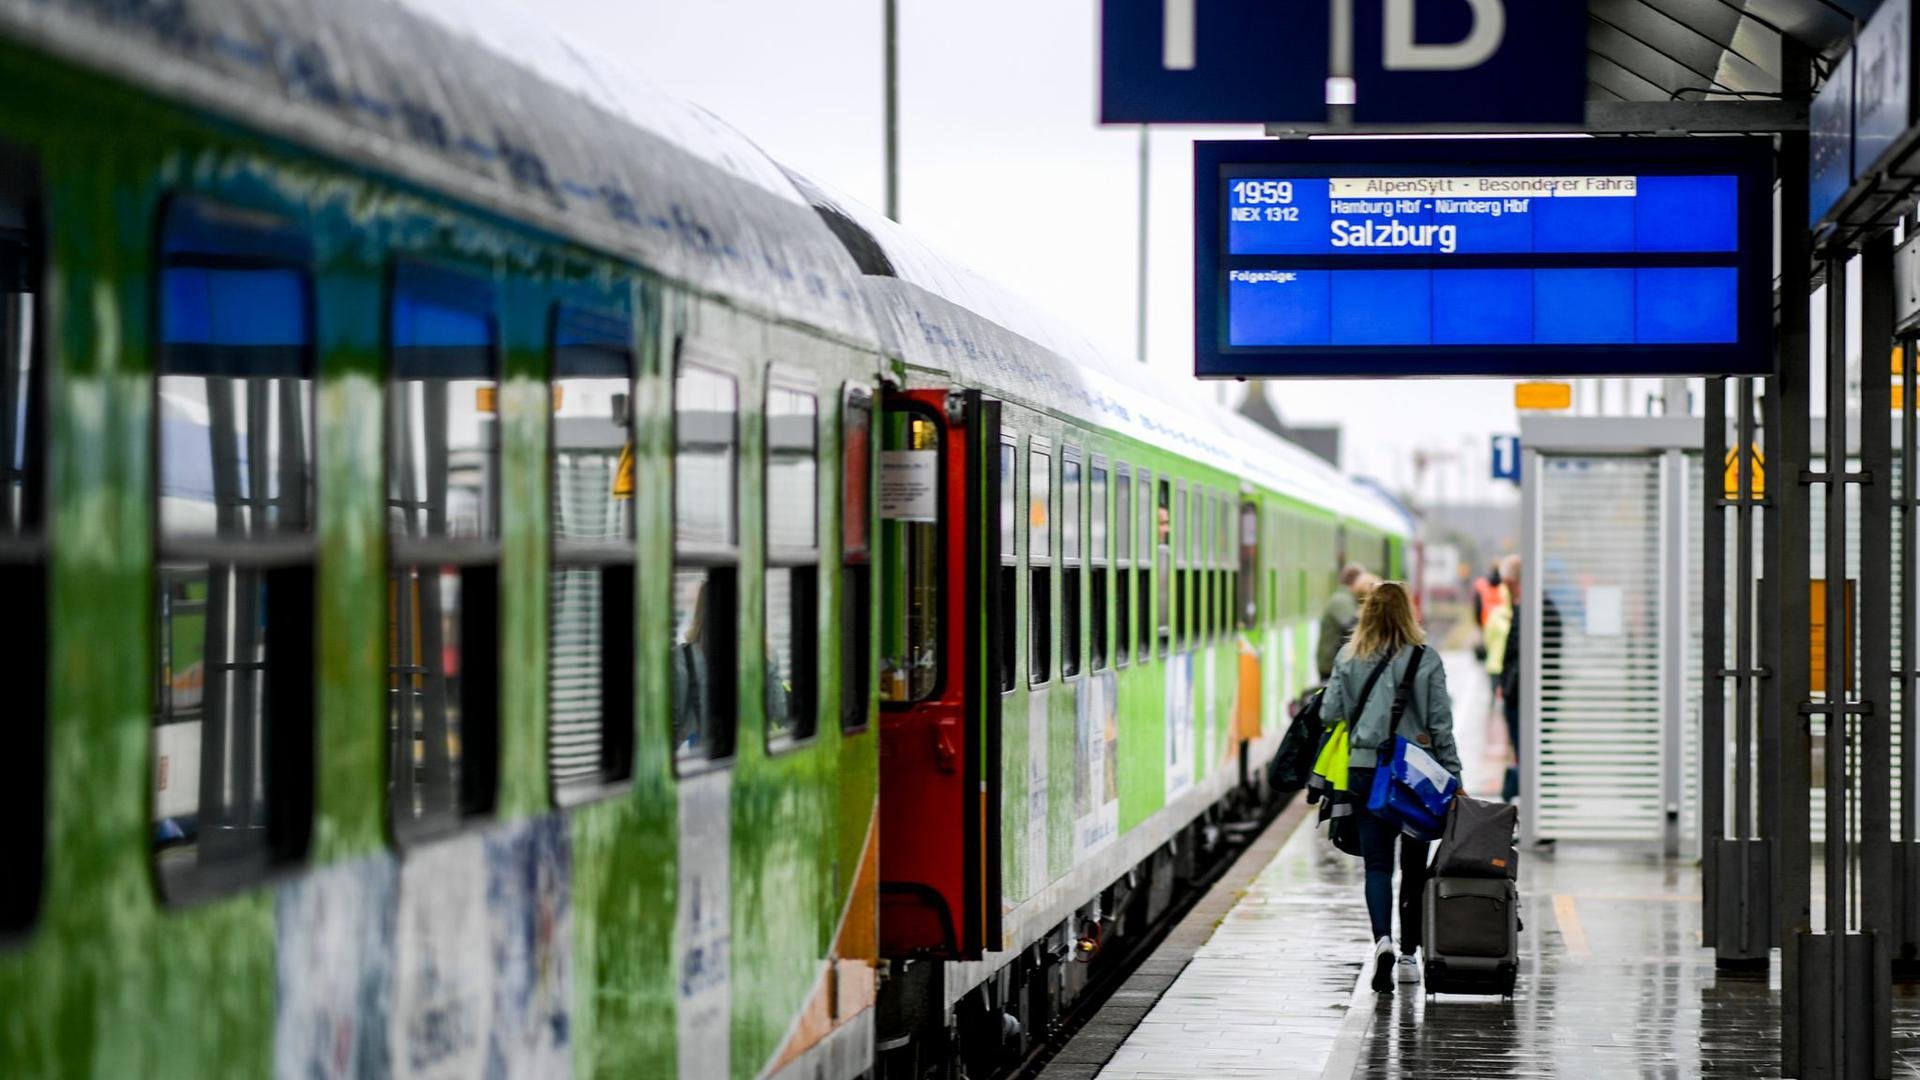 Fahrgäste des neuen Alpen-Sylt-Nachtexpress von Sylt nach Salzburg des Bahnanbieters RDC laufen kurz vor der Abfahrt des Zuges über den Bahnsteig.